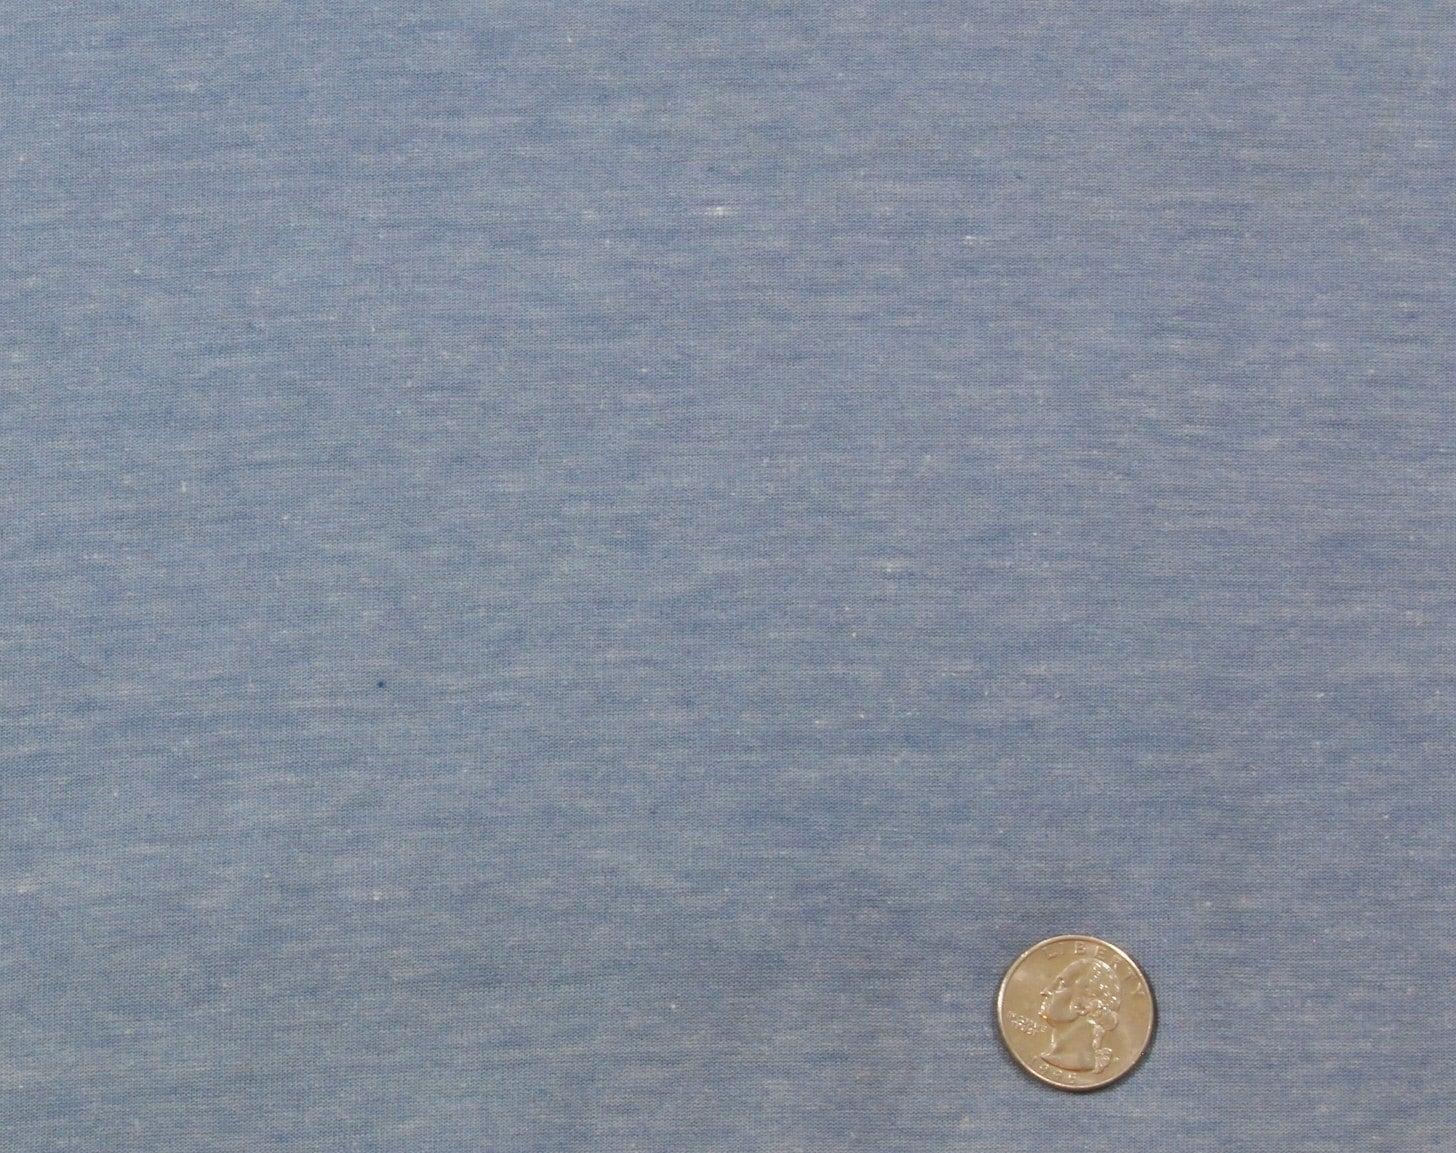 Vintage 100 Cotton T Shirt Knit Fabric Light Blue Denim Color